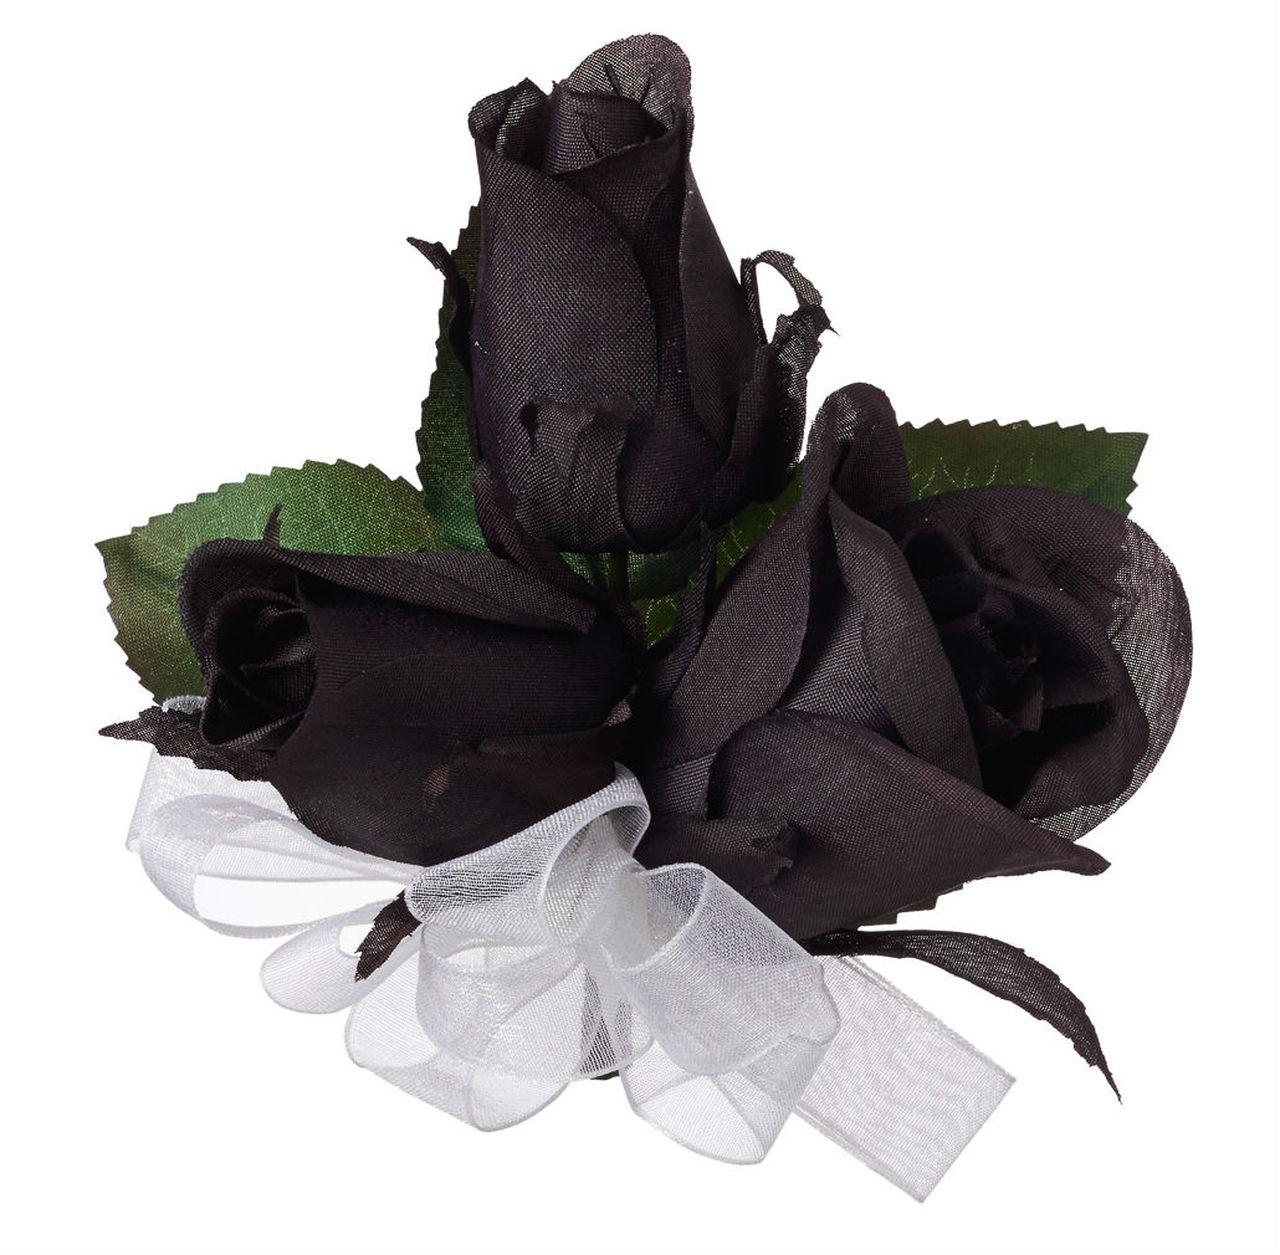 Hình ảnh ba hông hoa hồng đen giả